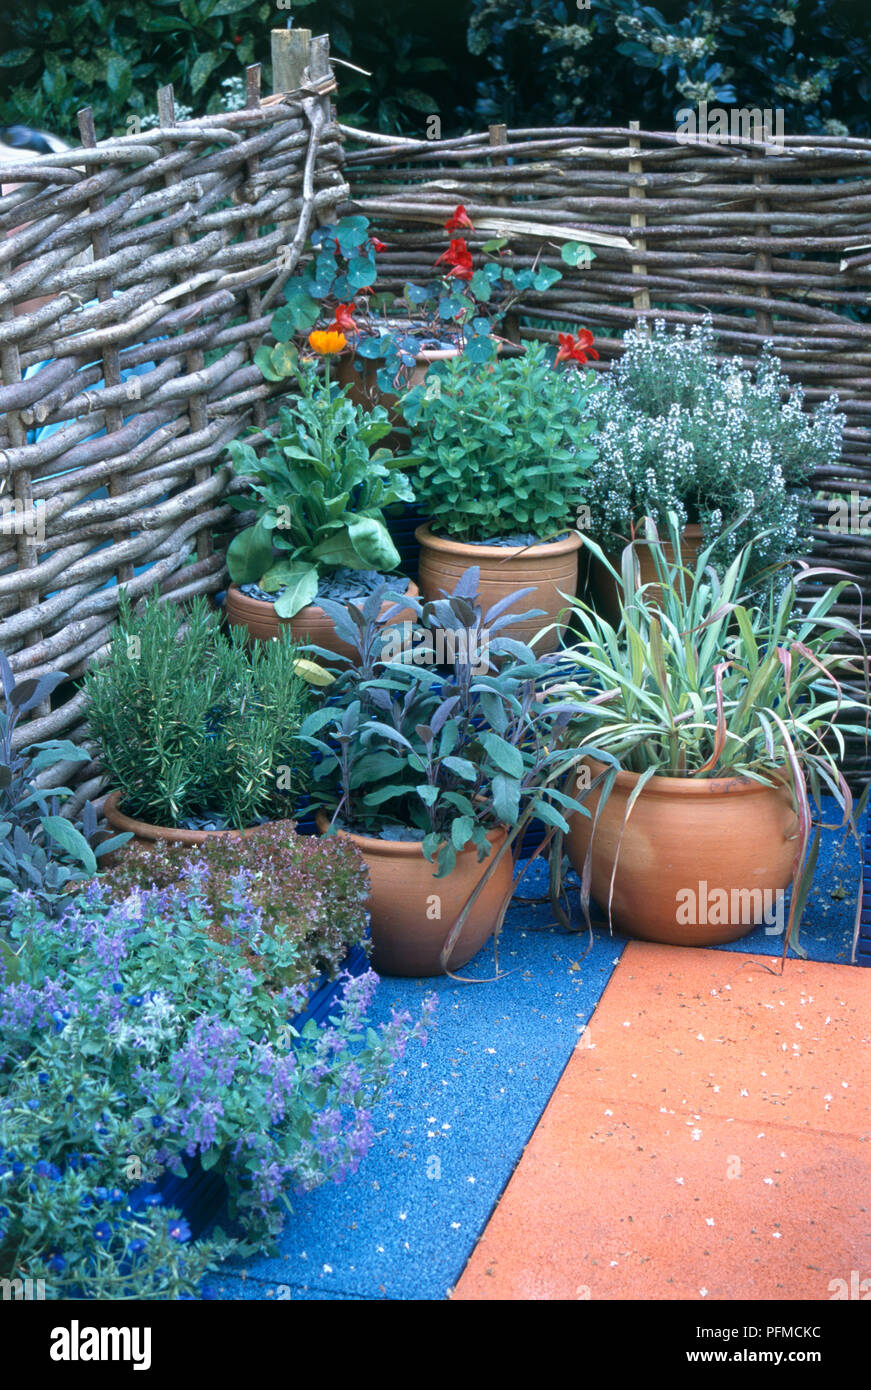 Kübelpflanzen Kräuter wie Minze, Thymian, Salbei und Rosmarin auf ...